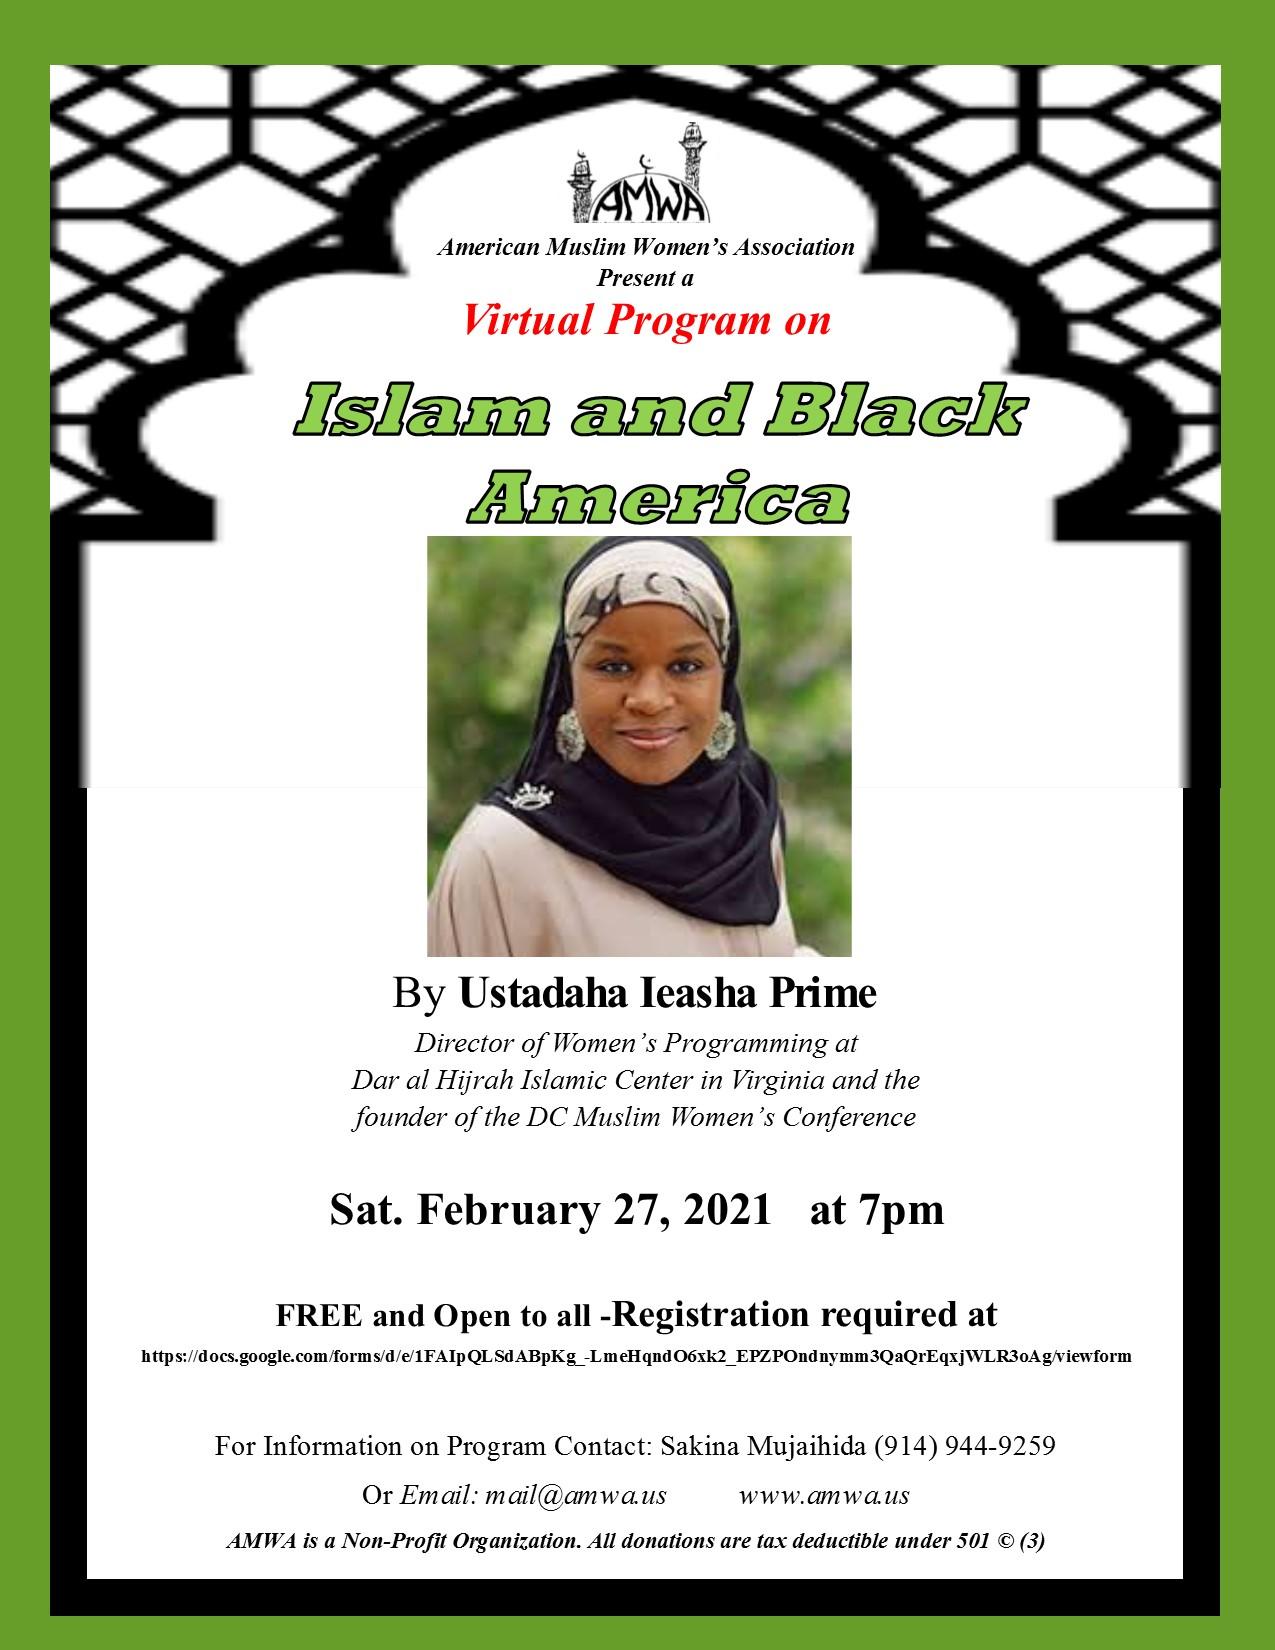 Islam and Black America